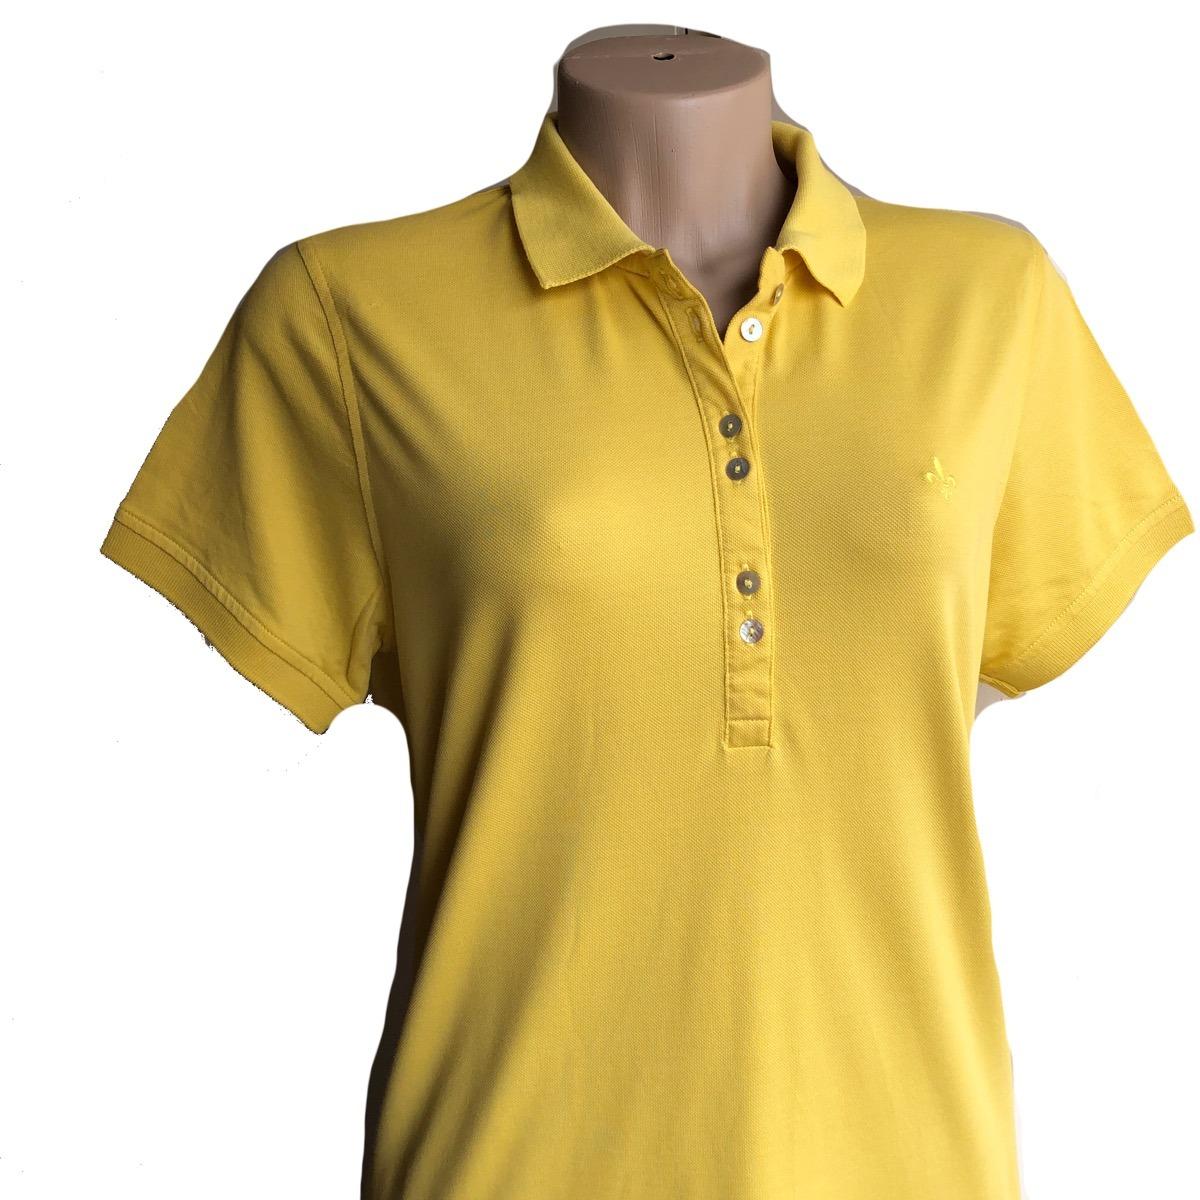 94ba1f9a2286c camisa polo feminina dudalina original com pequenos defeitos. Carregando  zoom.